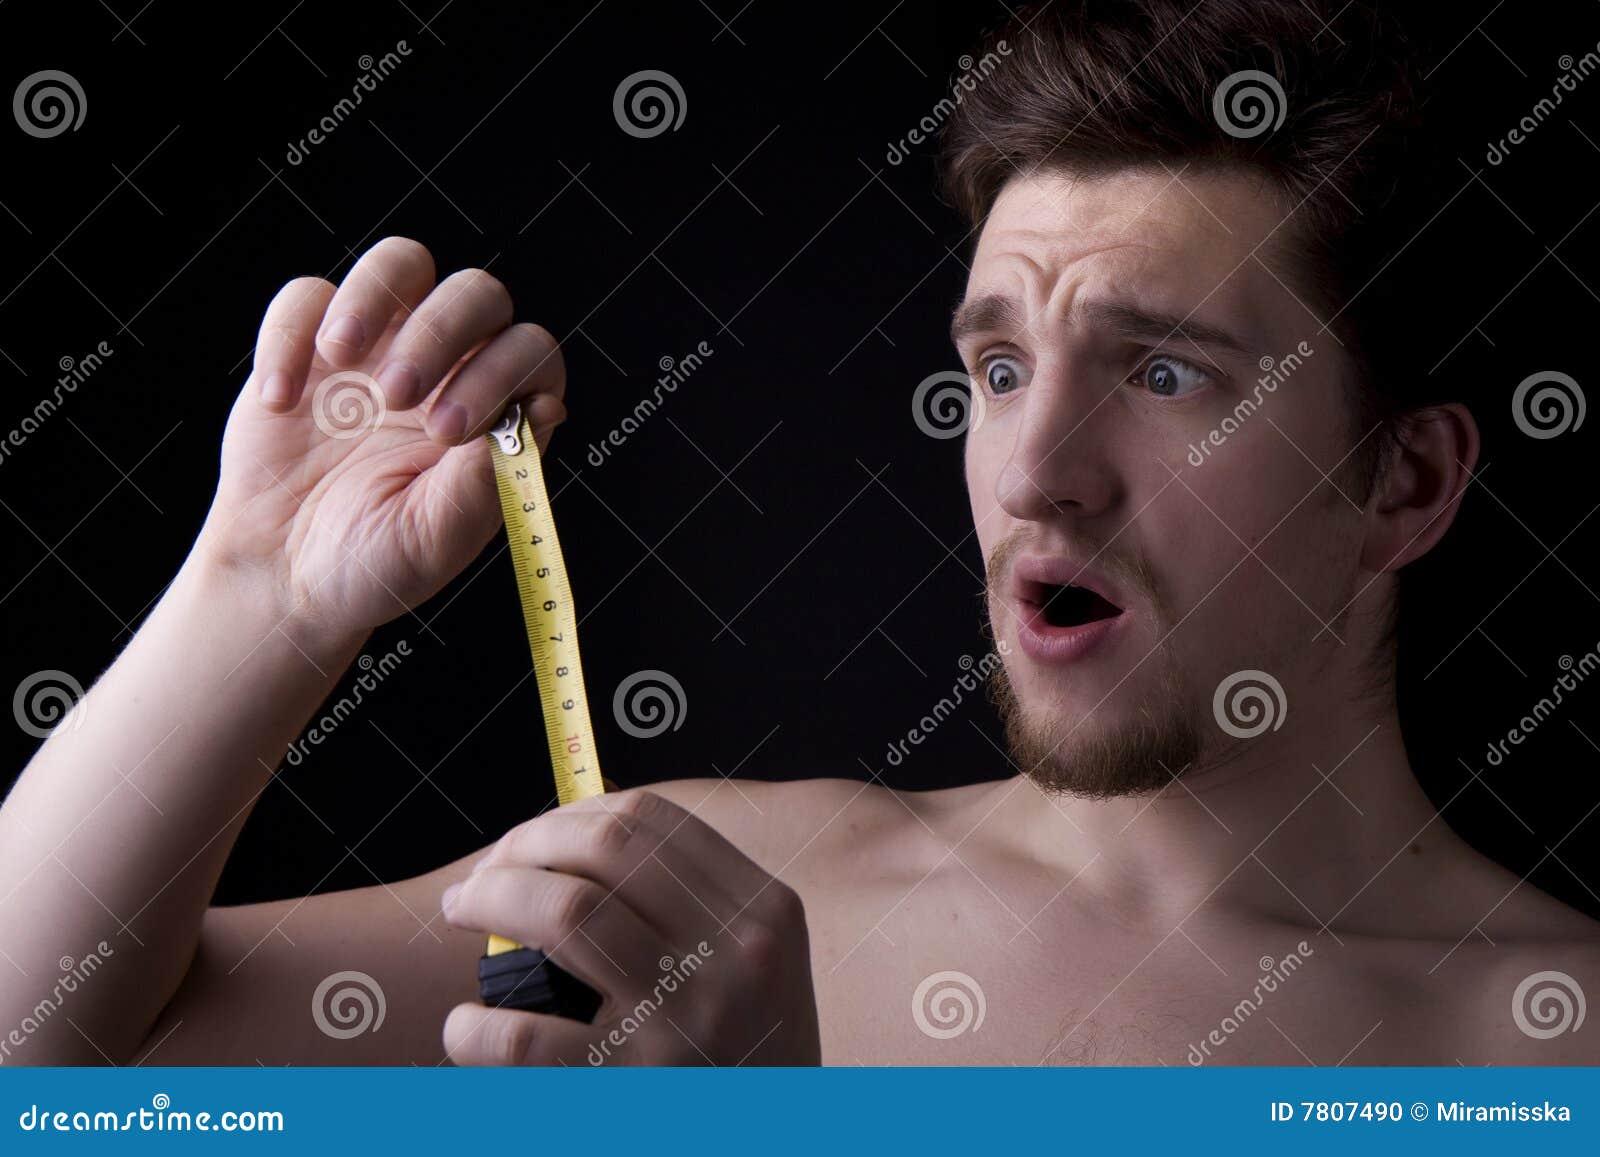 Размер члена у парня как узнать 6 фотография